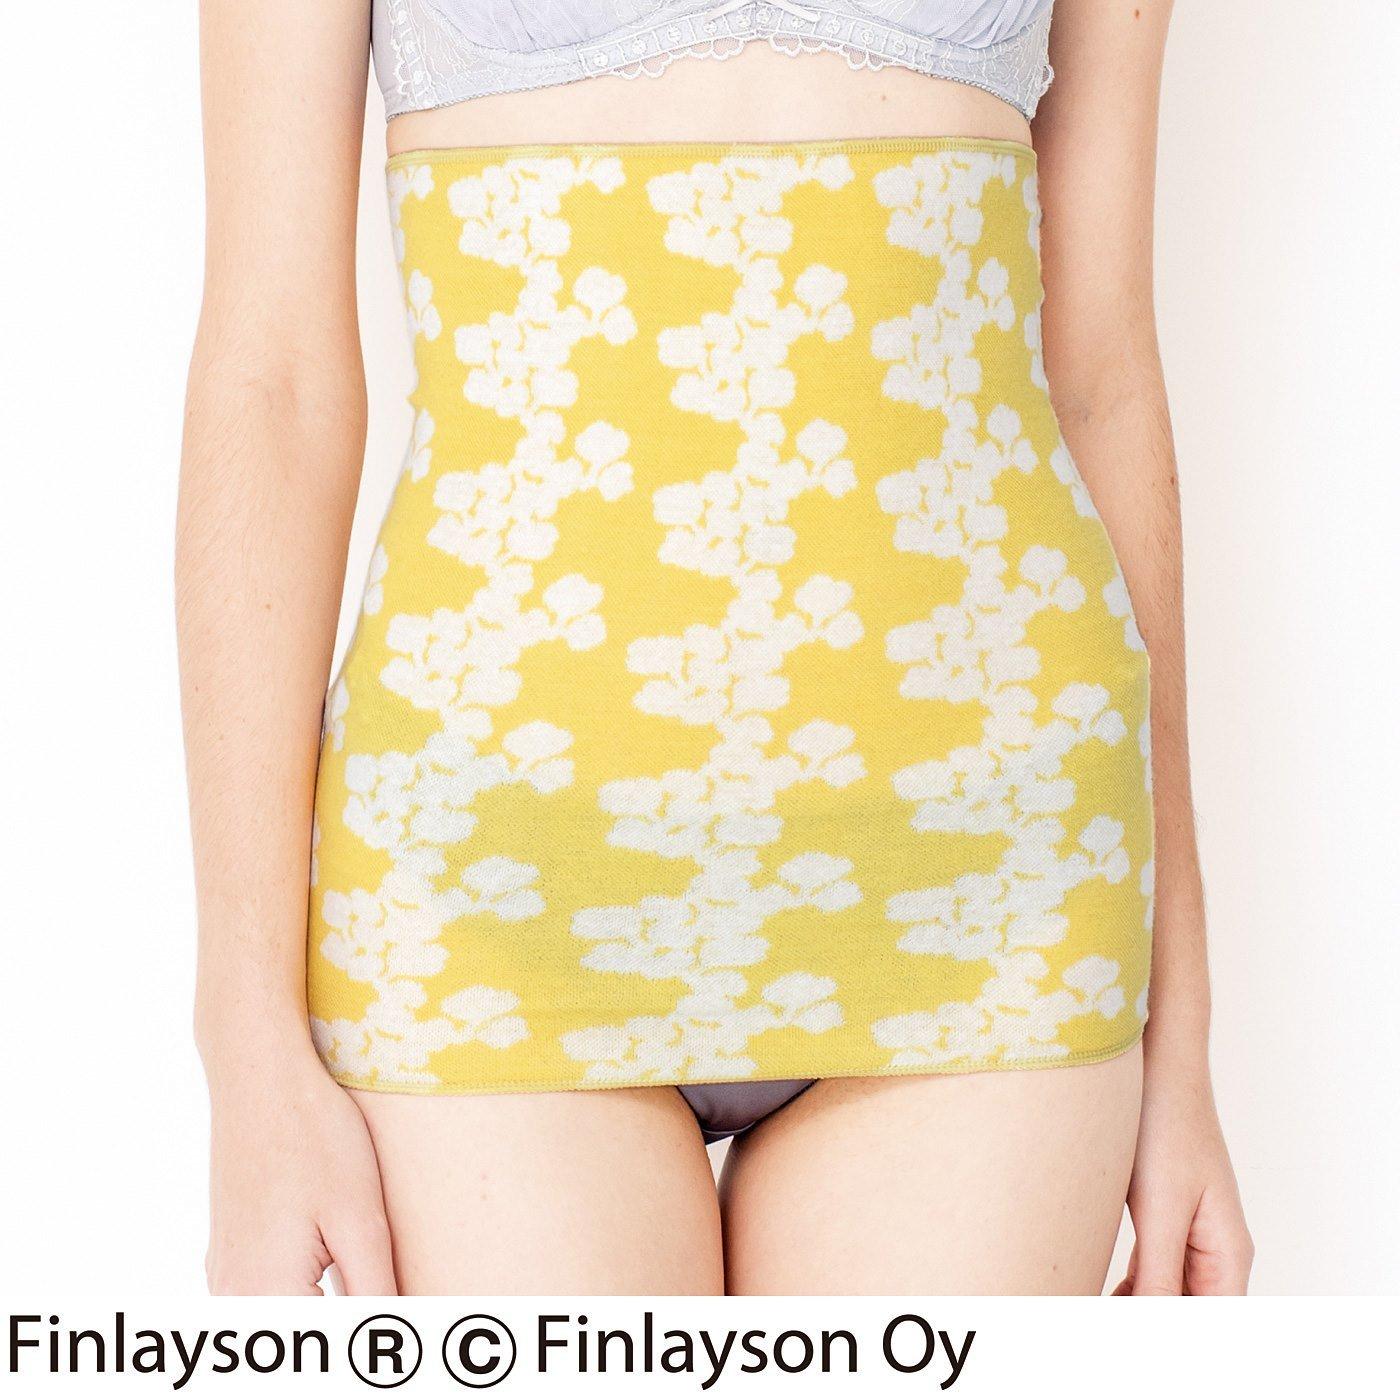 フィンレイソン 着けるだけうきうき とことん綿心地 スムースフィットはら巻き〈フェミニンカラー〉の会